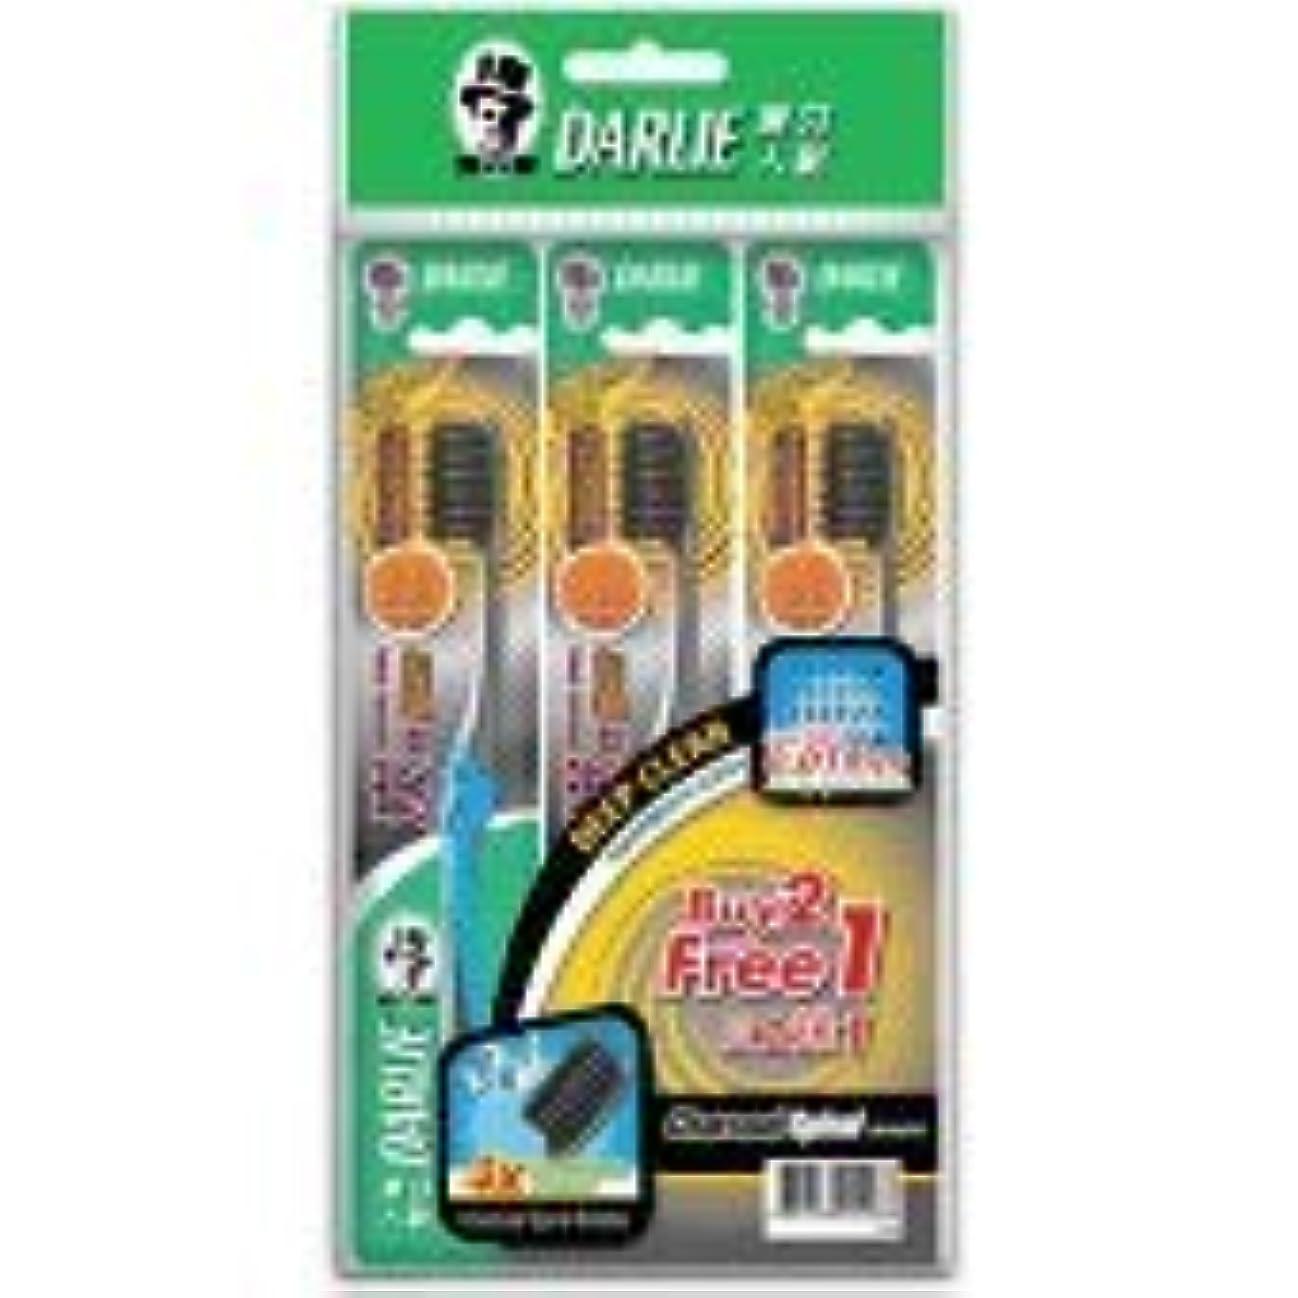 順番熟達した賃金DARLIE 歯の間に深く達する歯ブラシ炭スパイラル b2f1